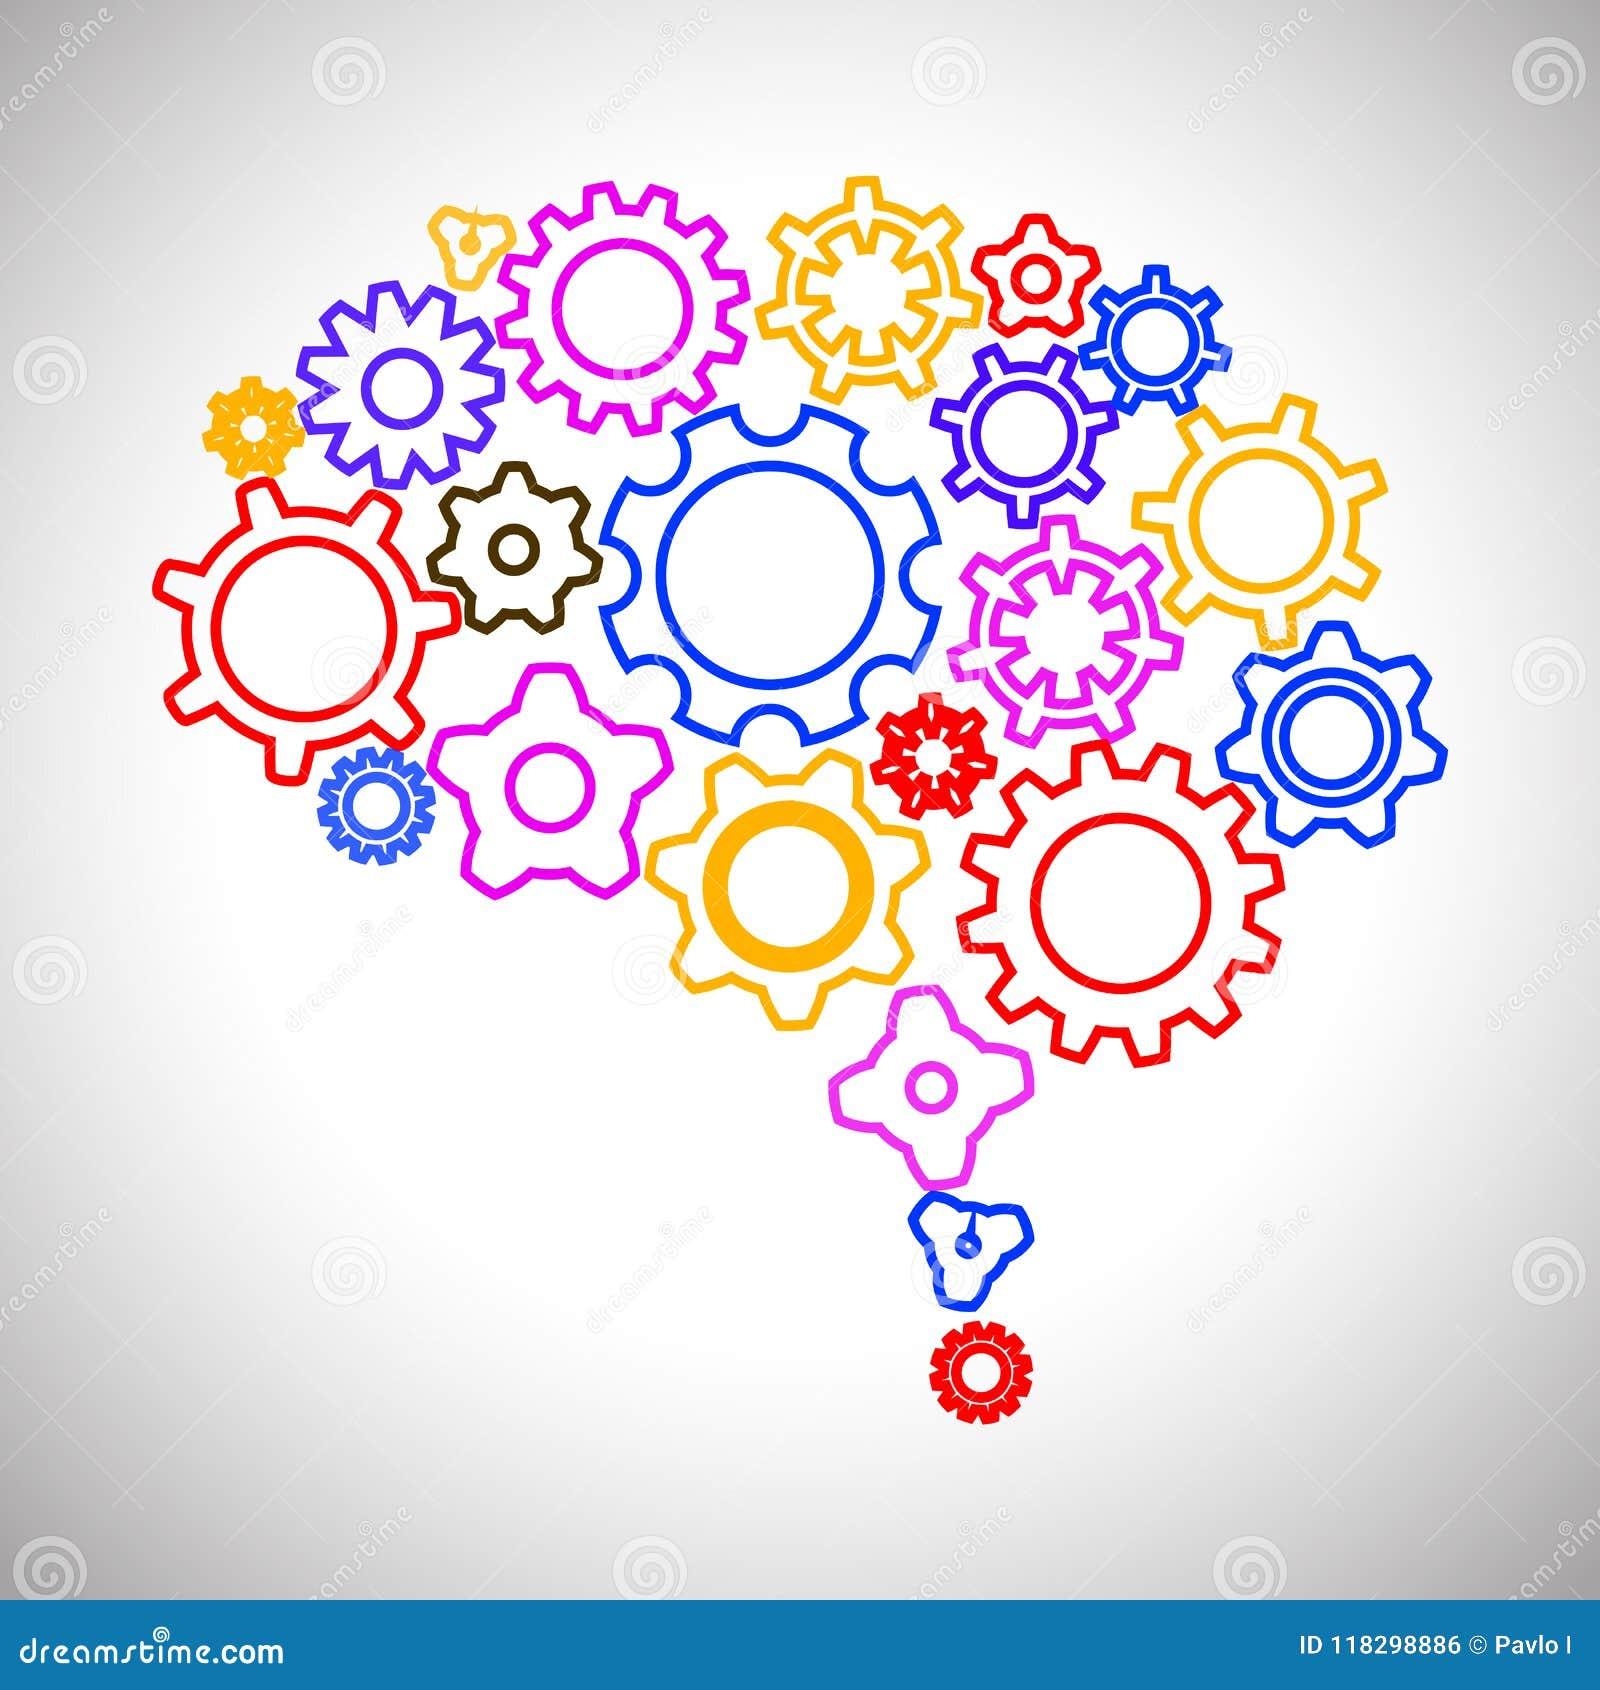 Concepto creativo el cerebro humano del engranaje - vector el ejemplo